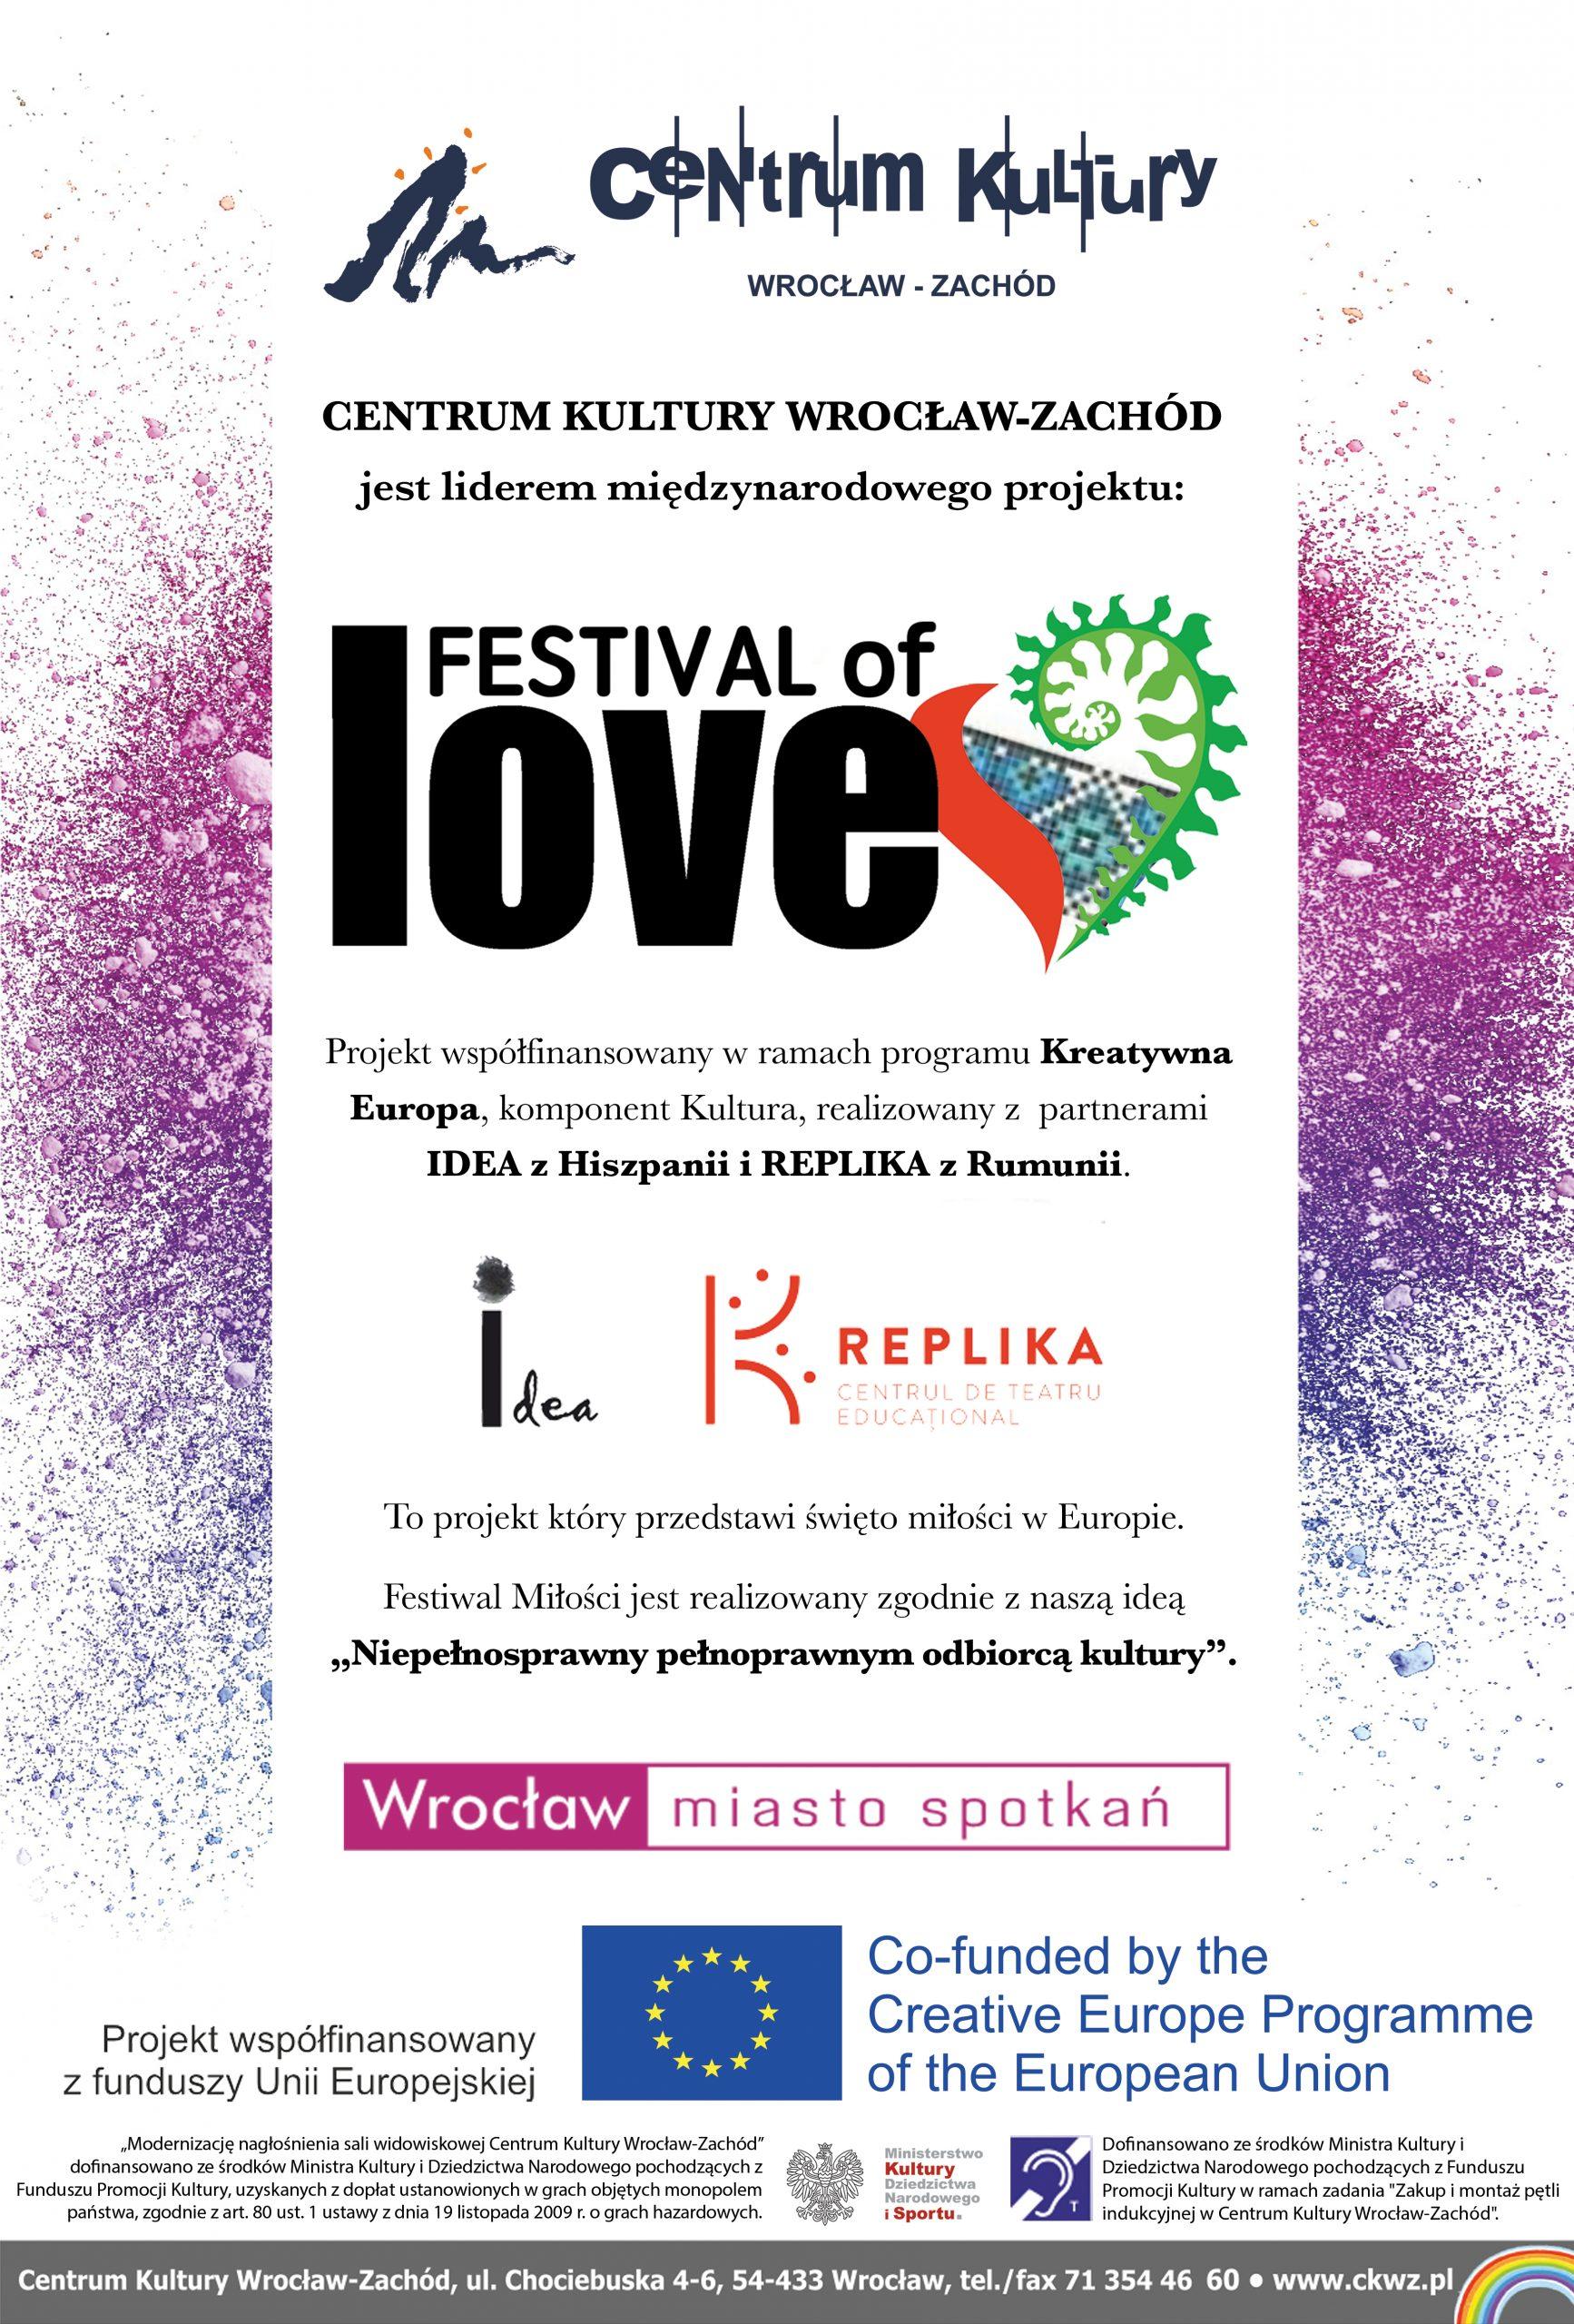 """Plakat. Centrum Kultury Wrocław-Zachód jest liderem międzynarodowego projektu: Festival of Love. Projekt współfinansowany w ramach programu Kreatywna Europa, komponent Kultura, realizowany z partnerami Idea z Hiszpanii i Replika z Rumunii. To projekt, który przedstawi święto miłości w Europie. Festiwal Miłości jest realizowany zgodnie z naszą ideą """"Niepełnosprawny pełnoprawnym odbiorcą kultury"""". Projekt współfinansowany z funduszy Unii Europejskiej. Co-funded by the Creative Europe Programme of The European Union."""